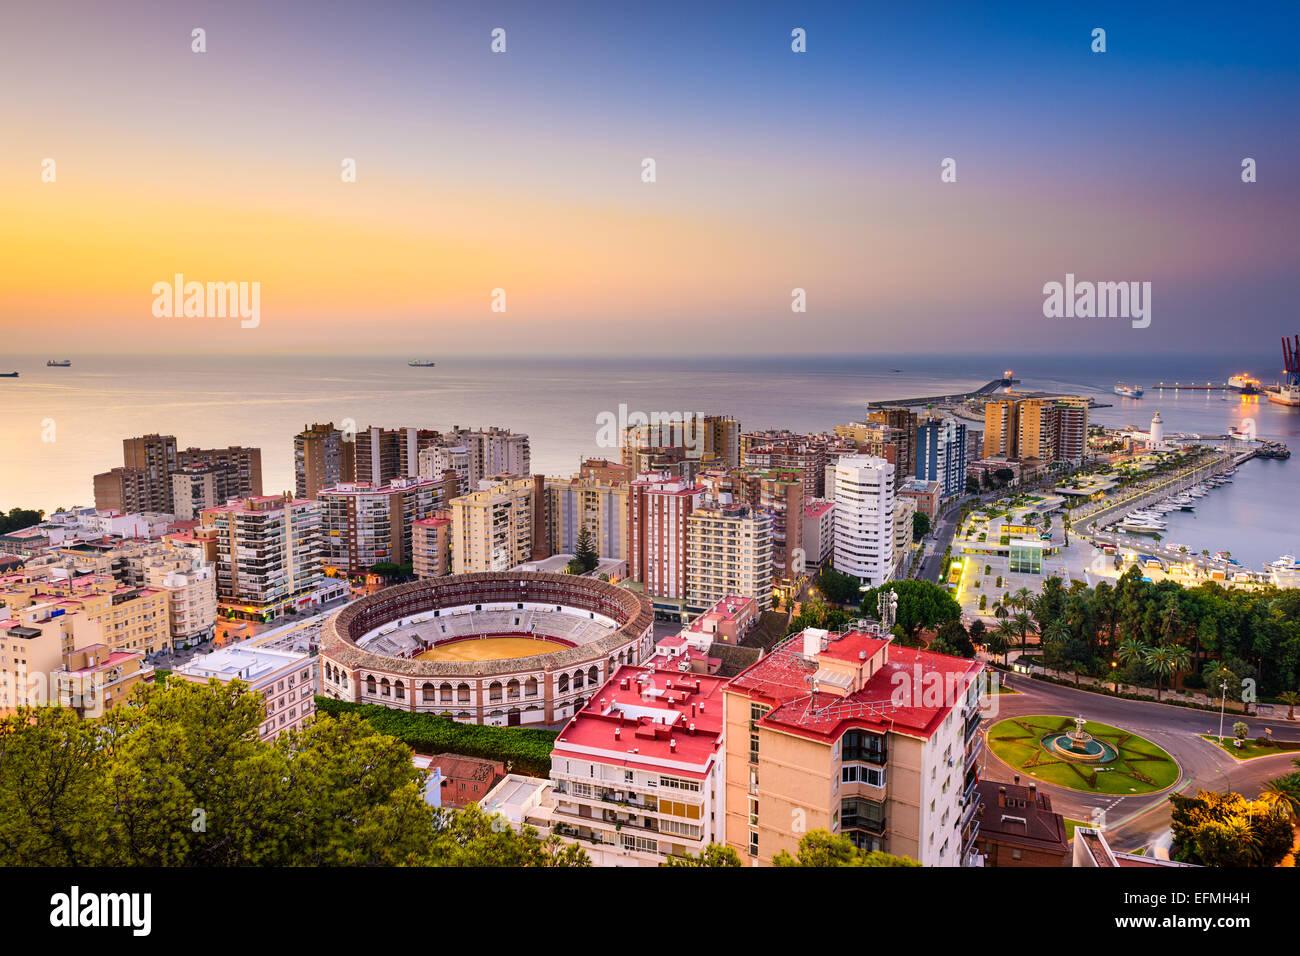 Málaga, España amanecer el horizonte hacia el mar Mediterráneo. Imagen De Stock